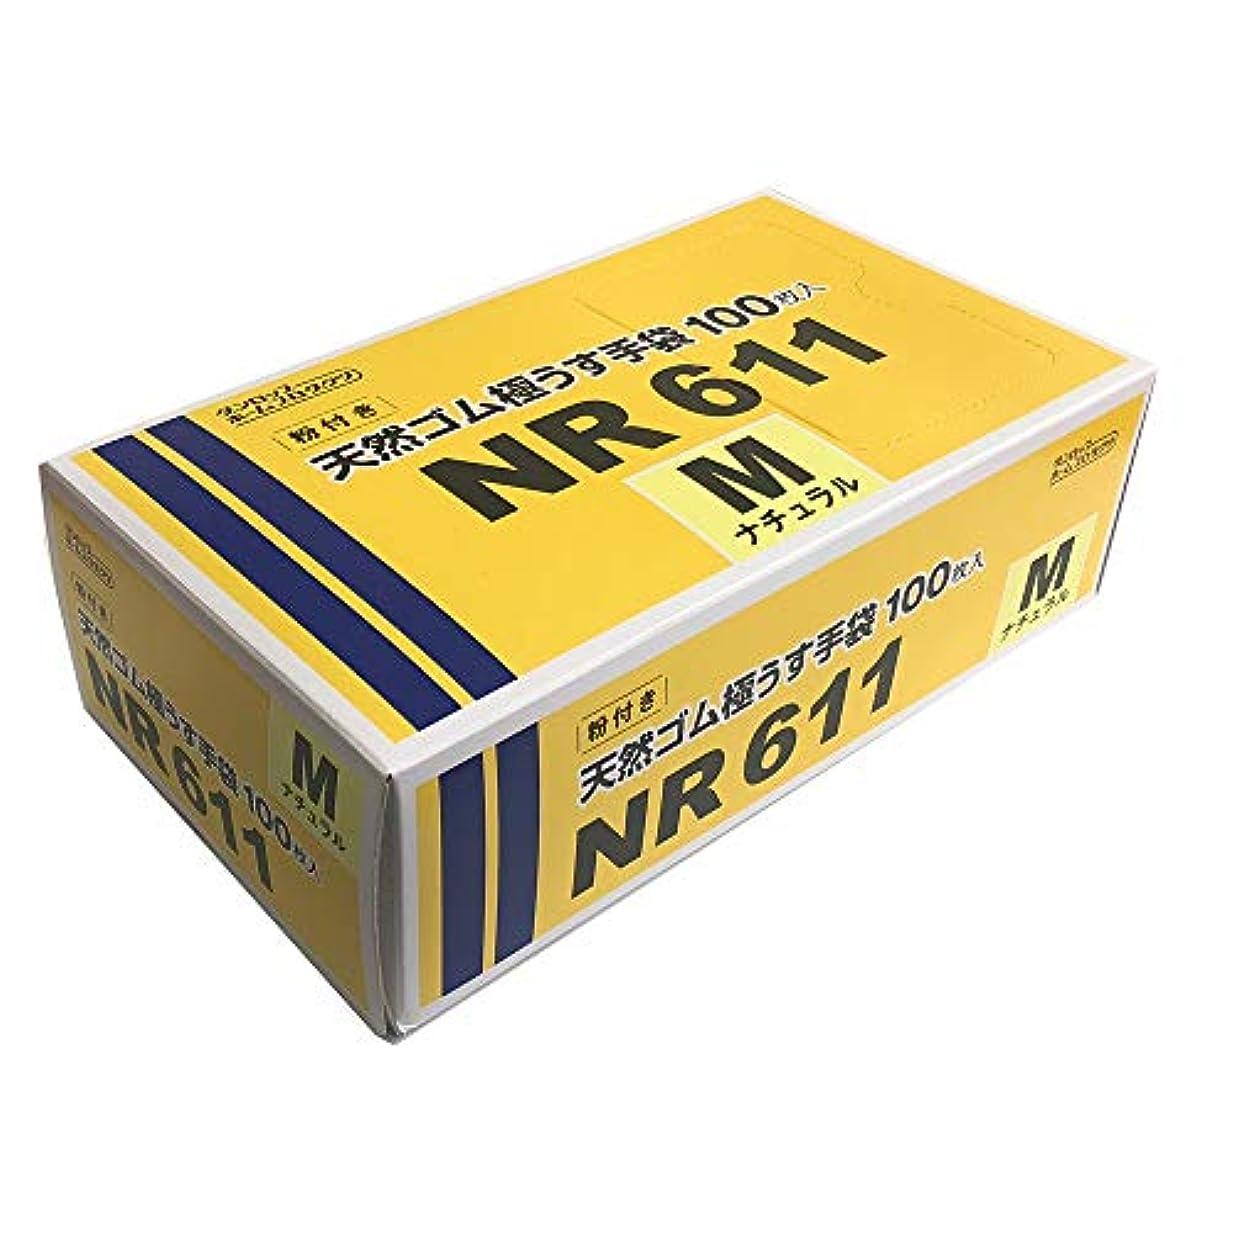 安定の労働者DP NR611 粉付天然ゴム極薄手袋M-N